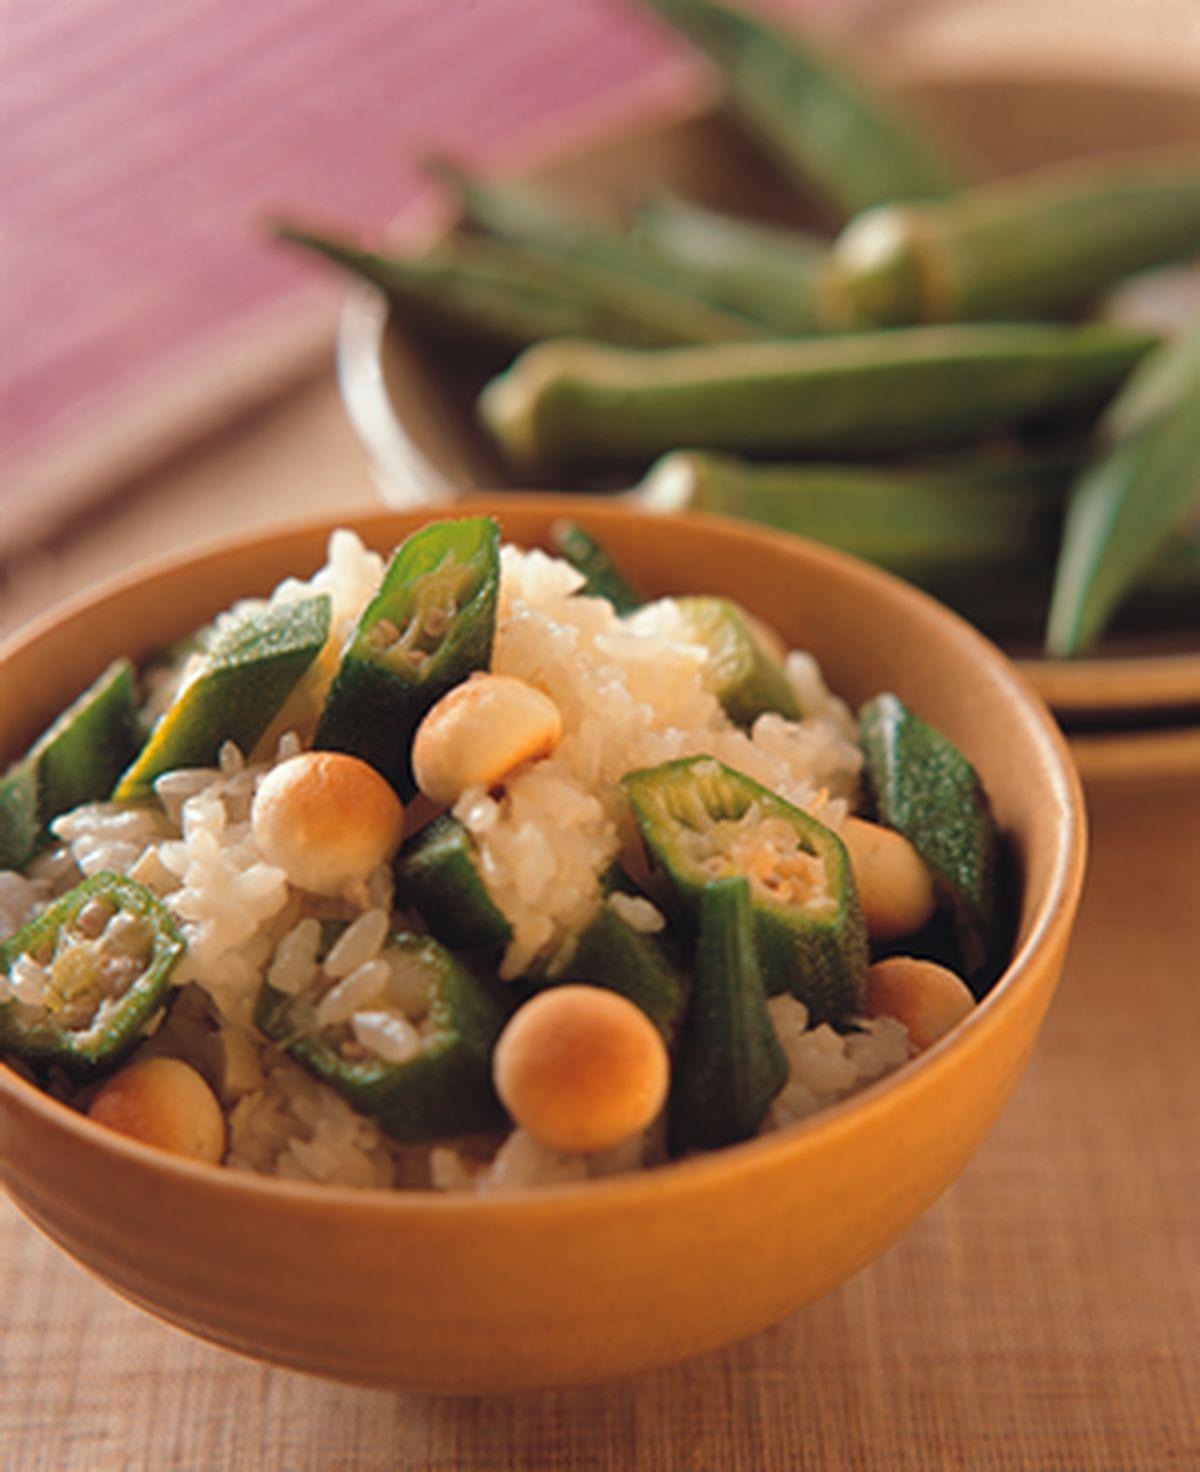 食譜:秋葵飯